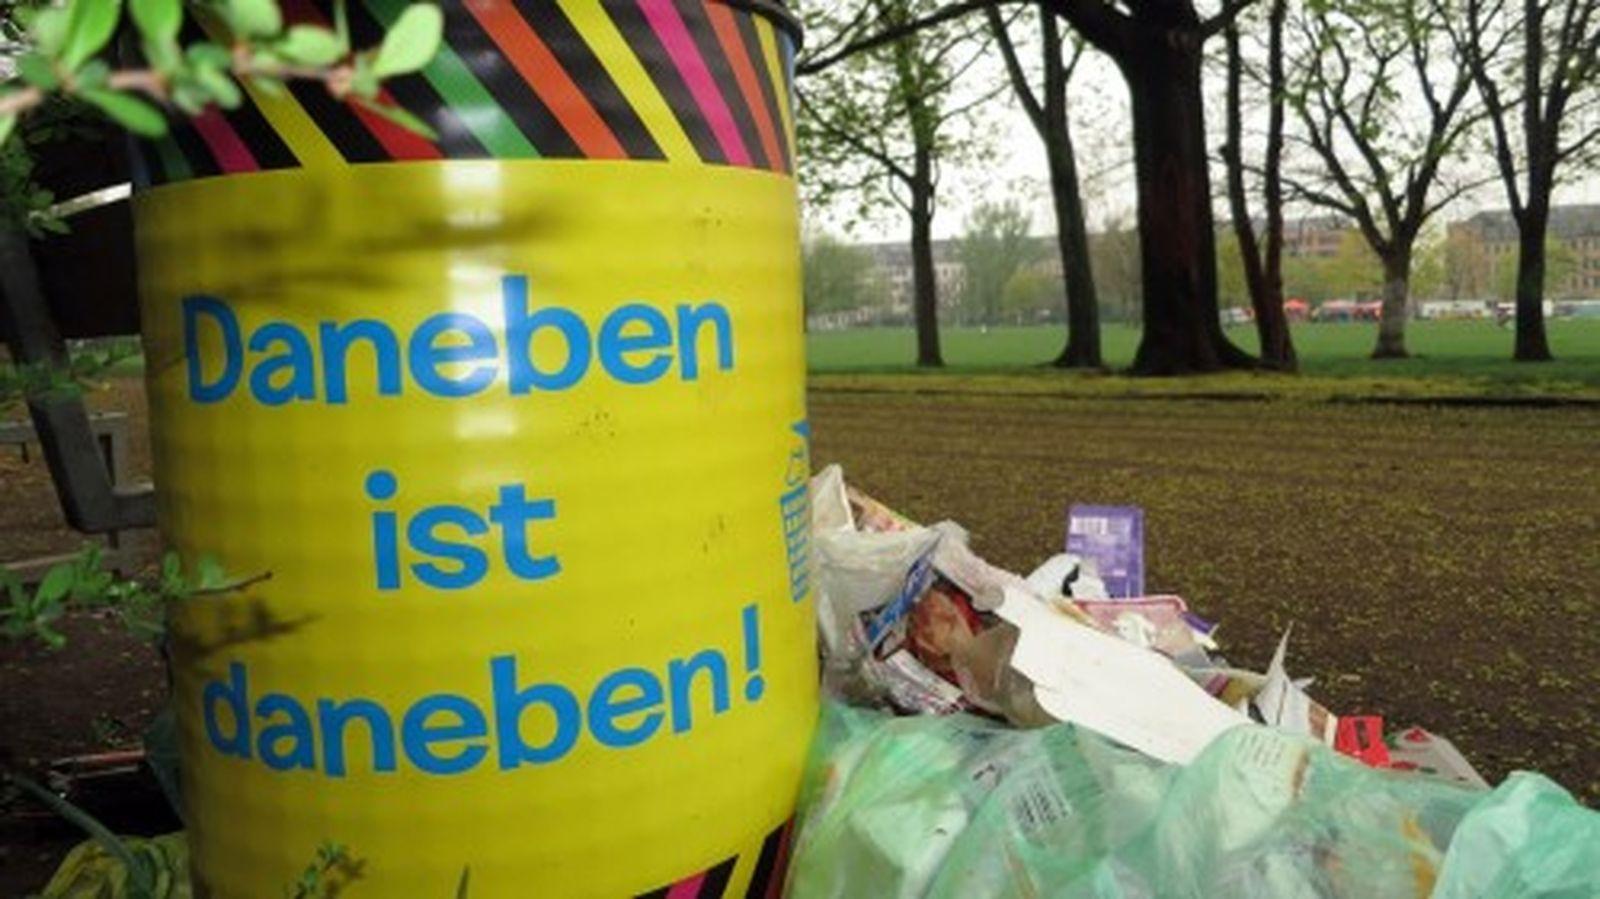 Die bunt beklebten Mülltonnen werden offenbar sehr gut gefunden, jetzt müssen sie nur noch häufiger geleert werden.